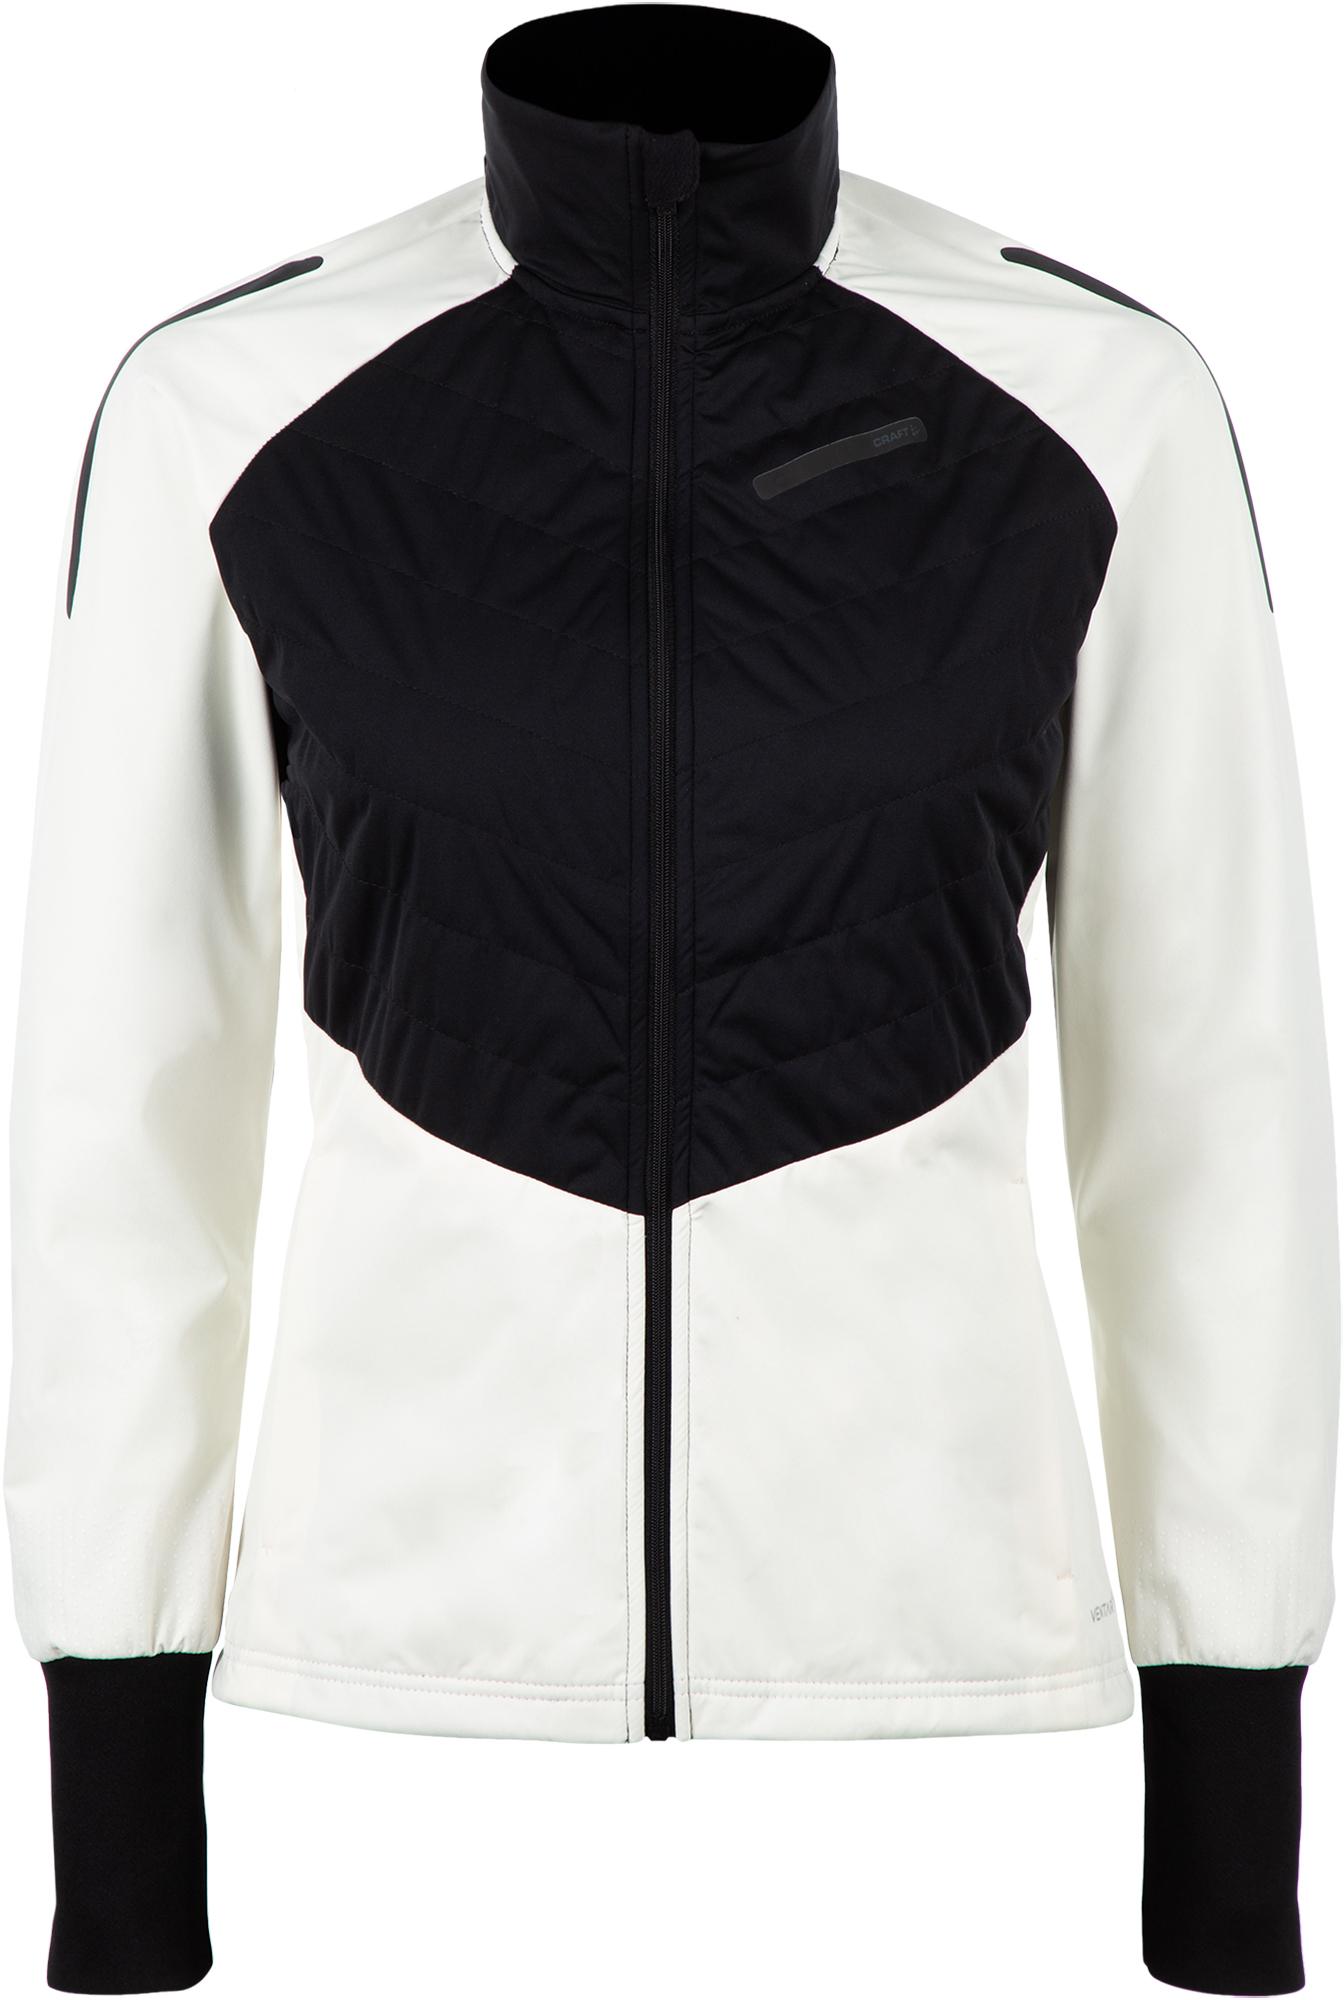 Craft Куртка женская Craft Storm Balance, размер 48-50 куртка street balance rooftops wmns raglan parka женская васильковый l